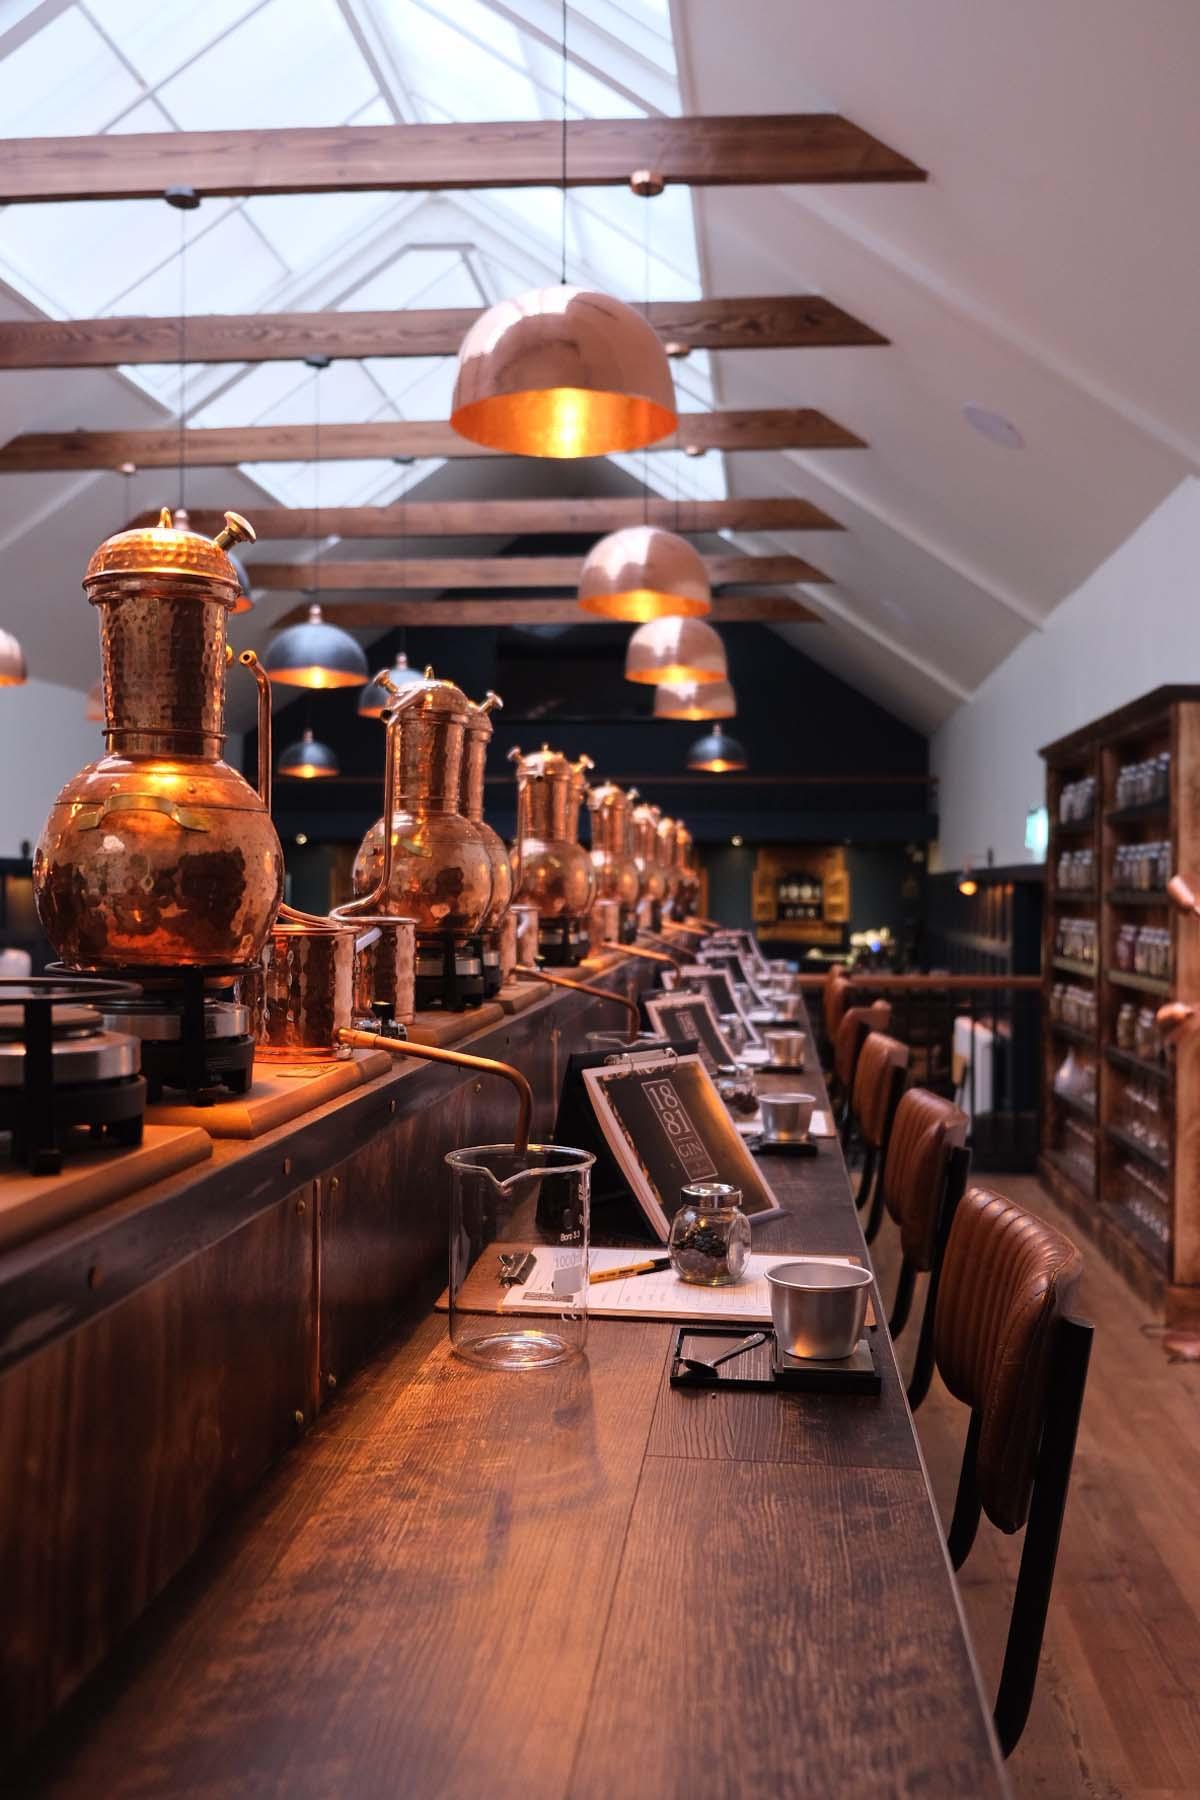 De mooiste bezienswaardigheden in Zuid-Schotland [roadtrip route], Peebles 1881 Gin Distillery